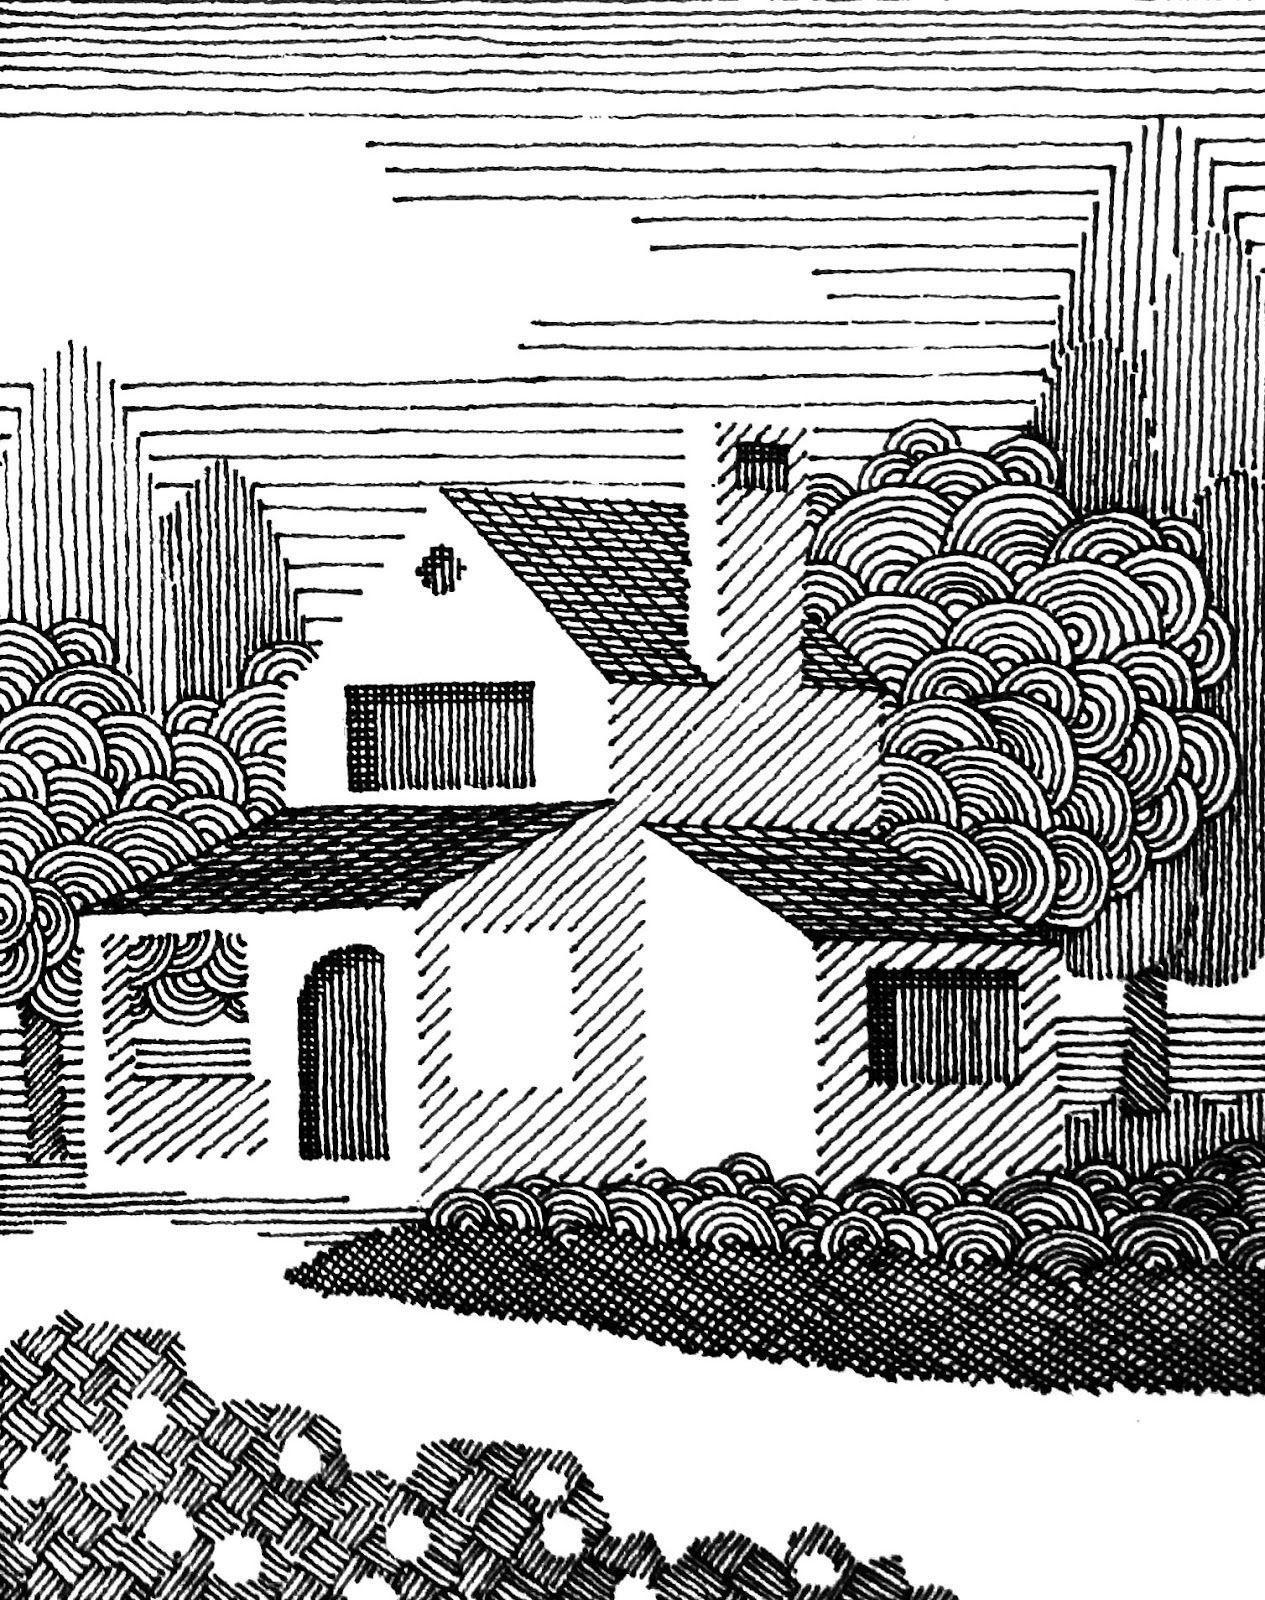 Lamina 8 Texturas Con Lineas Elementos Del Arte Lecciones De Arte Ejercicios De Dibujo